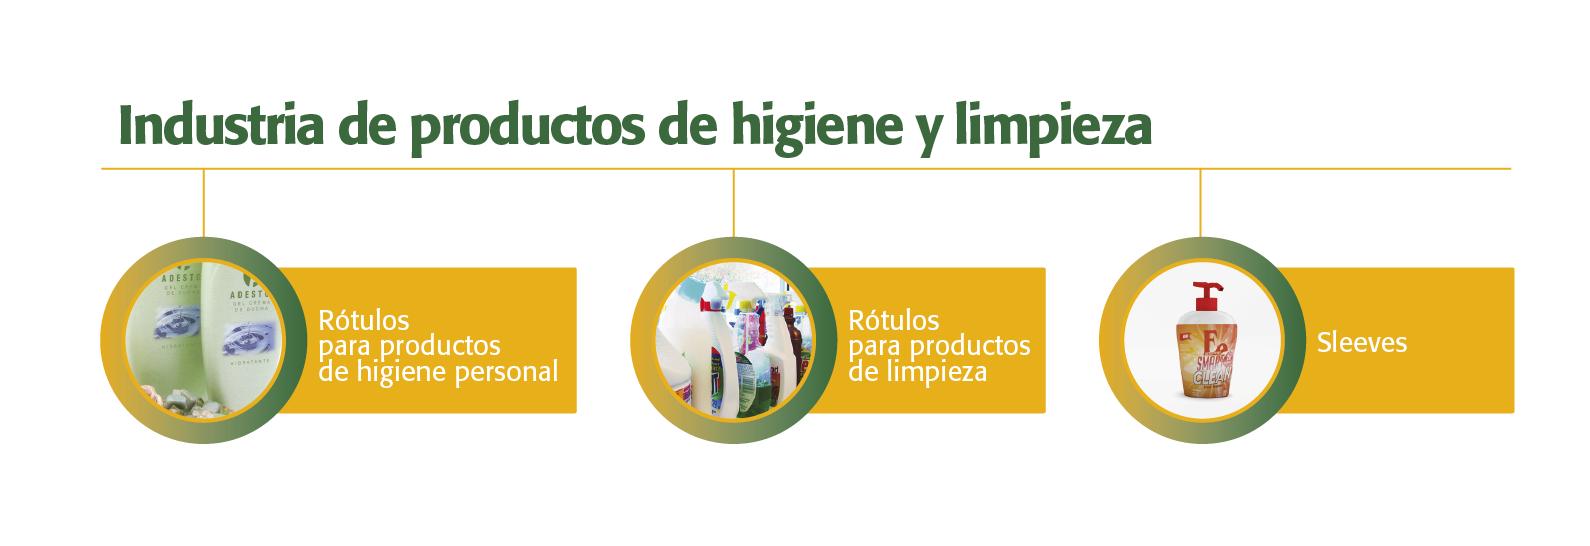 Industria de Productos de Higiene y Limpieza